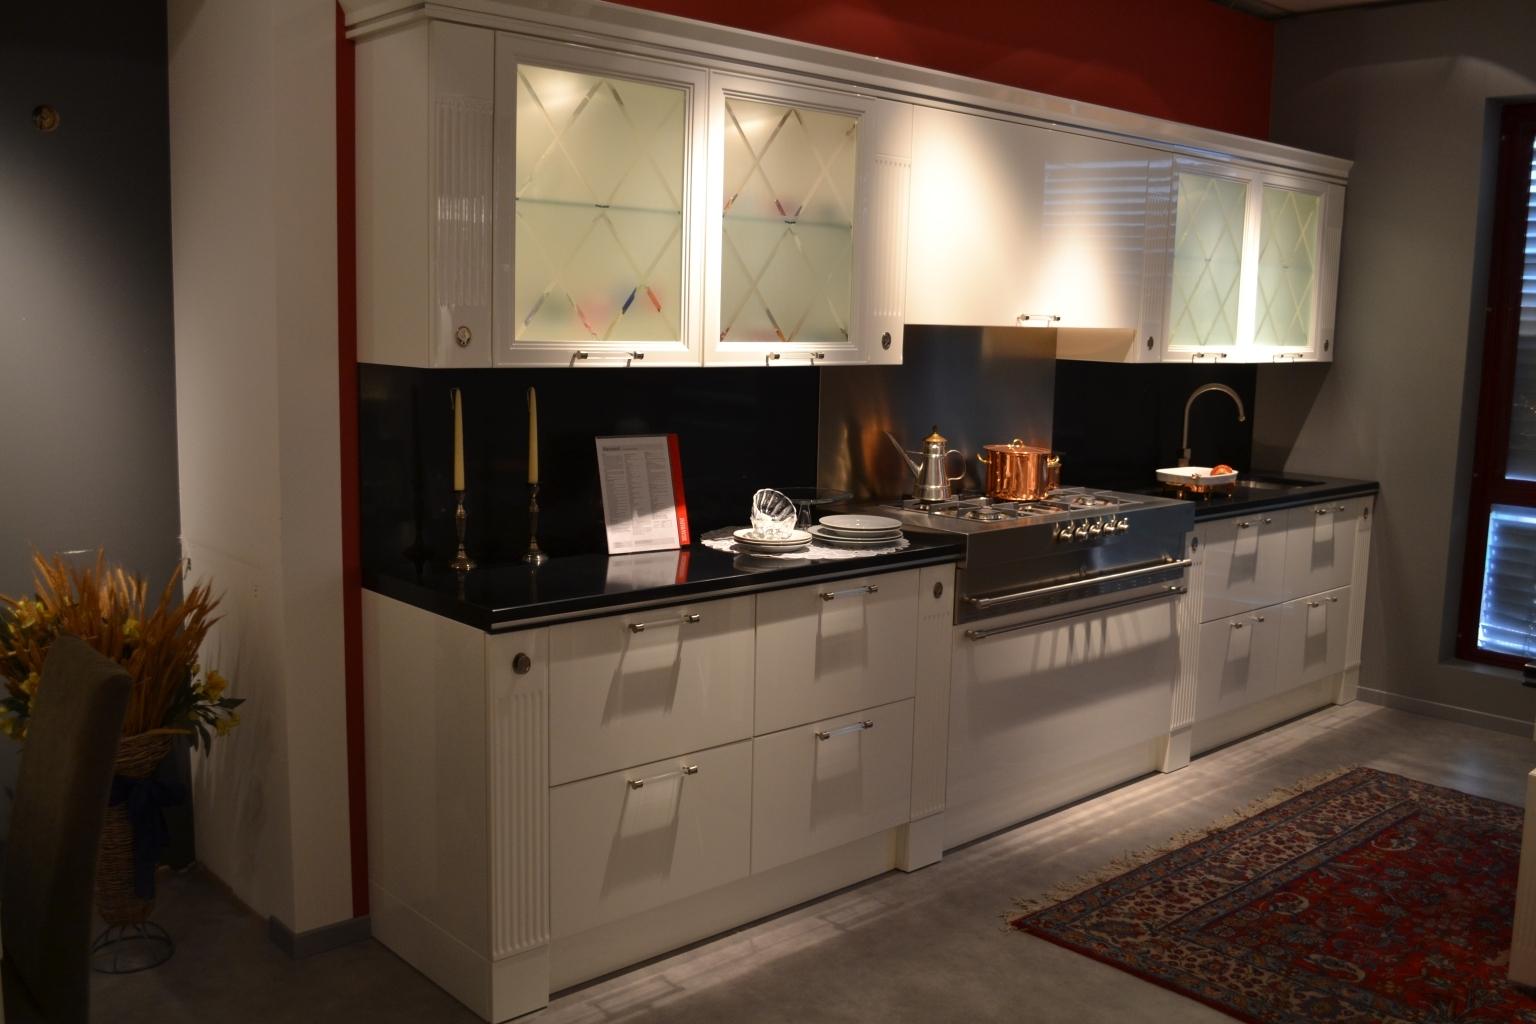 Baccarat scavolini offerta cucine a prezzi scontati - Prezzo cucine scavolini ...